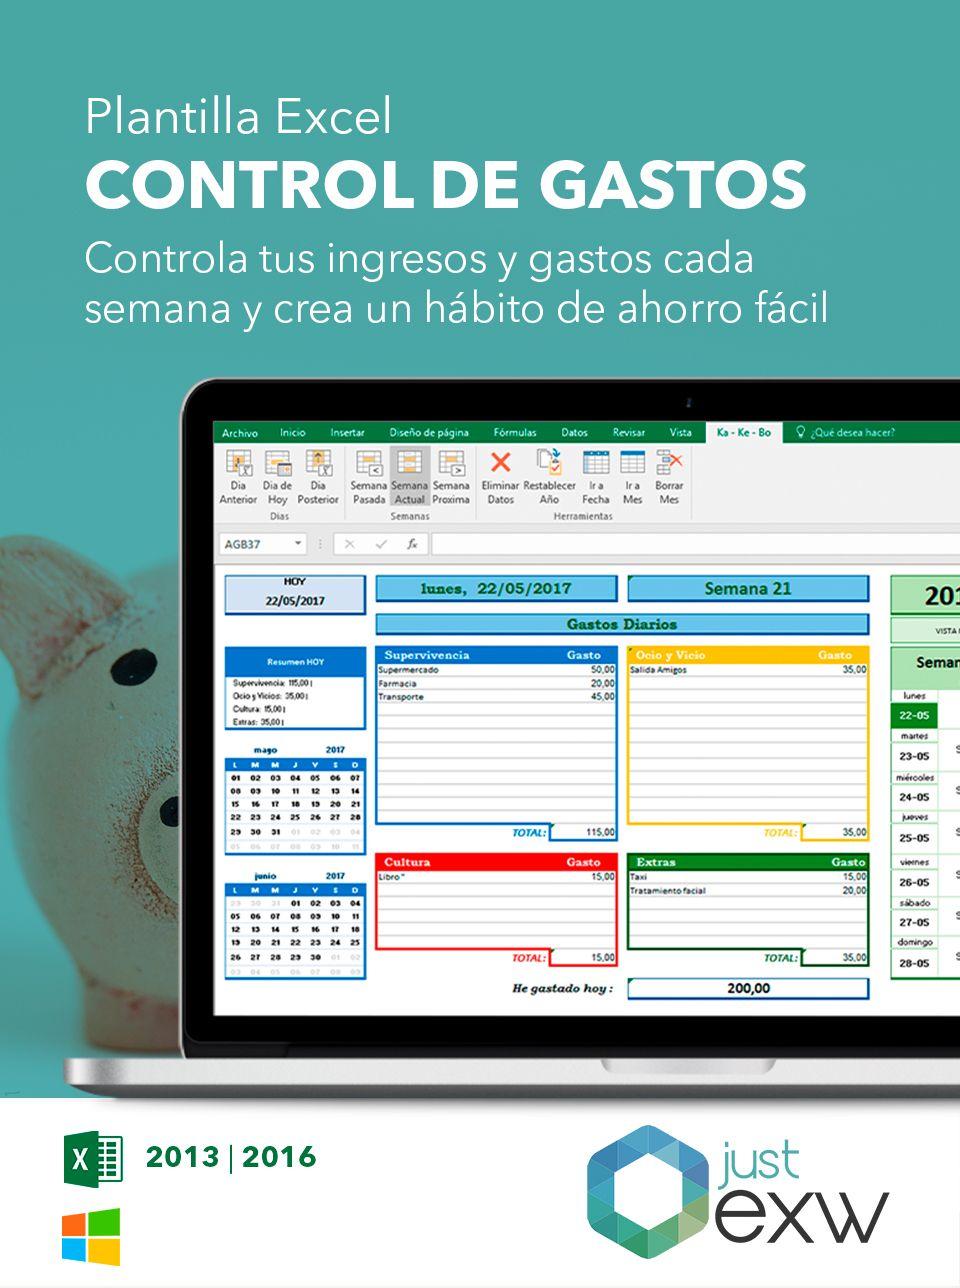 Contabilidad doméstica en Excel | Plantilla de Excel control de gastos